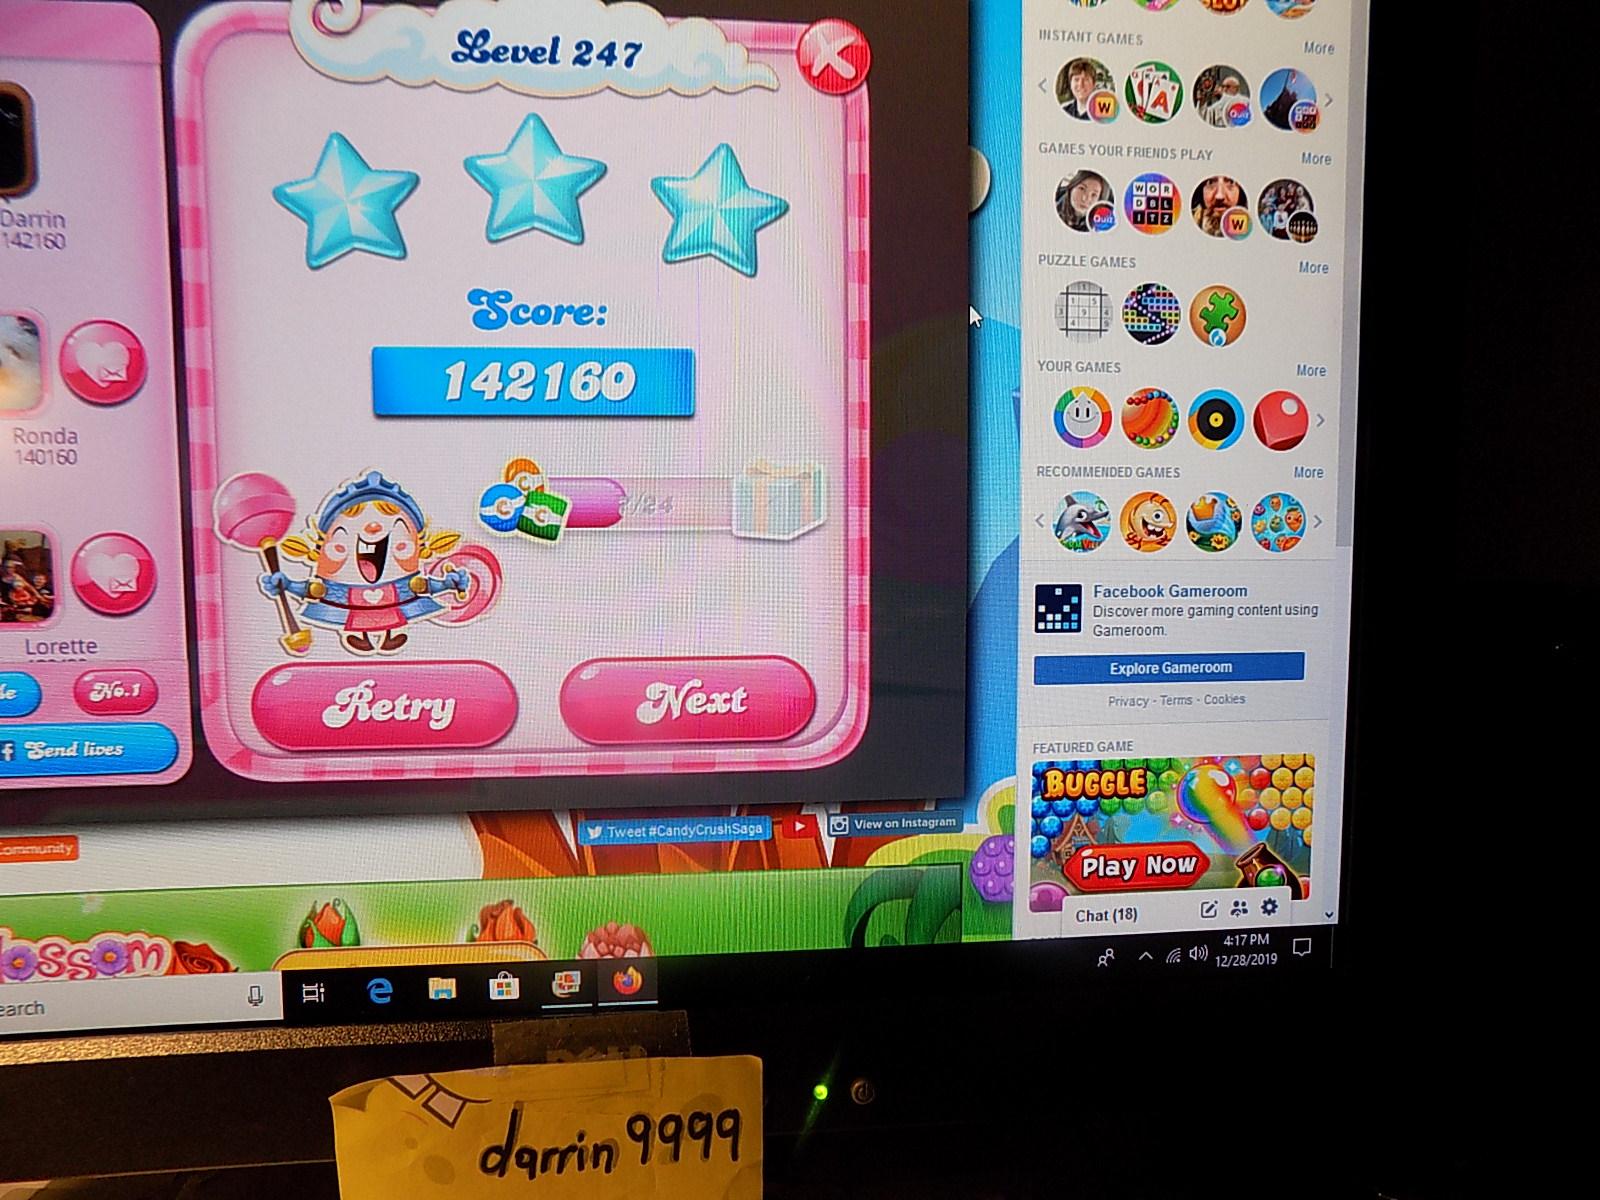 darrin9999: Candy Crush Saga: Level 247 (Web) 142,160 points on 2019-12-29 06:33:42